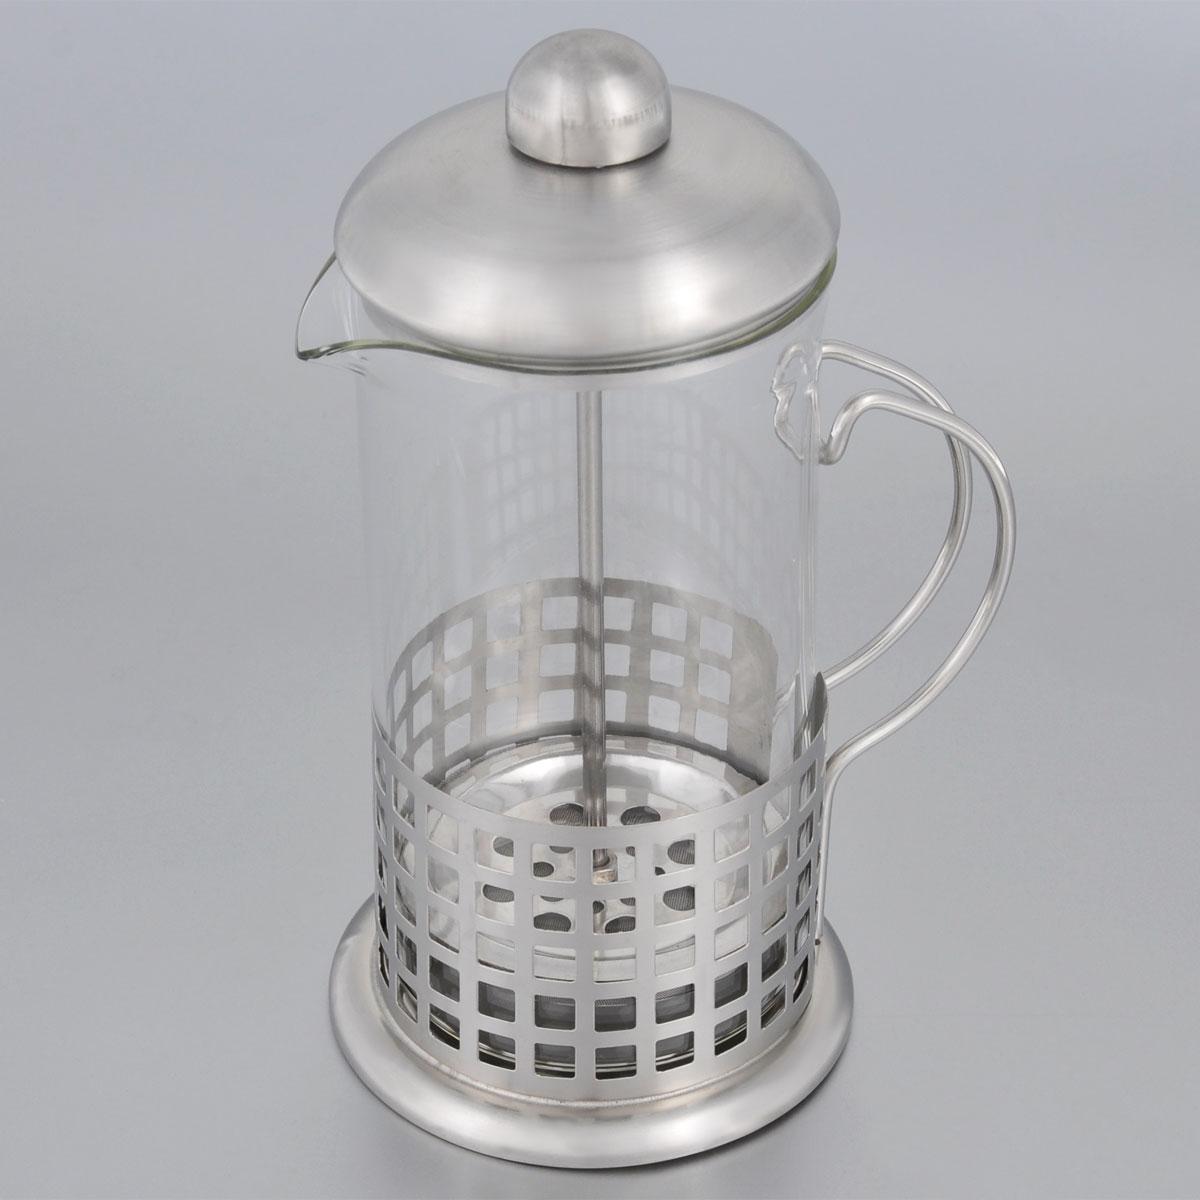 Френч-пресс Bohmann, 800 мл. 9583BH/NEW9583BH/NEWФренч-пресс Bohmann поможет быстро приготовить ароматный кофе или чай. Основание выполнено из высококачественной хромоникелевой нержавеющей стали, стенки оформлены перфорацией, что придает изделию стильный внешний вид. Колба изготовлена из термостойкого стекла. Основание изделия устойчивое, не царапает поверхность стола. Насыпьте внутрь заварку, залейте кипятком, слегка накройте колбу крышкой с прессом, по истечении 4 минут опустите пресс до конца. Таким образом, чаинки и кофейный осадок останутся на дне, а вы можете наслаждаться напитком. Можно мыть в посудомоечной машине.